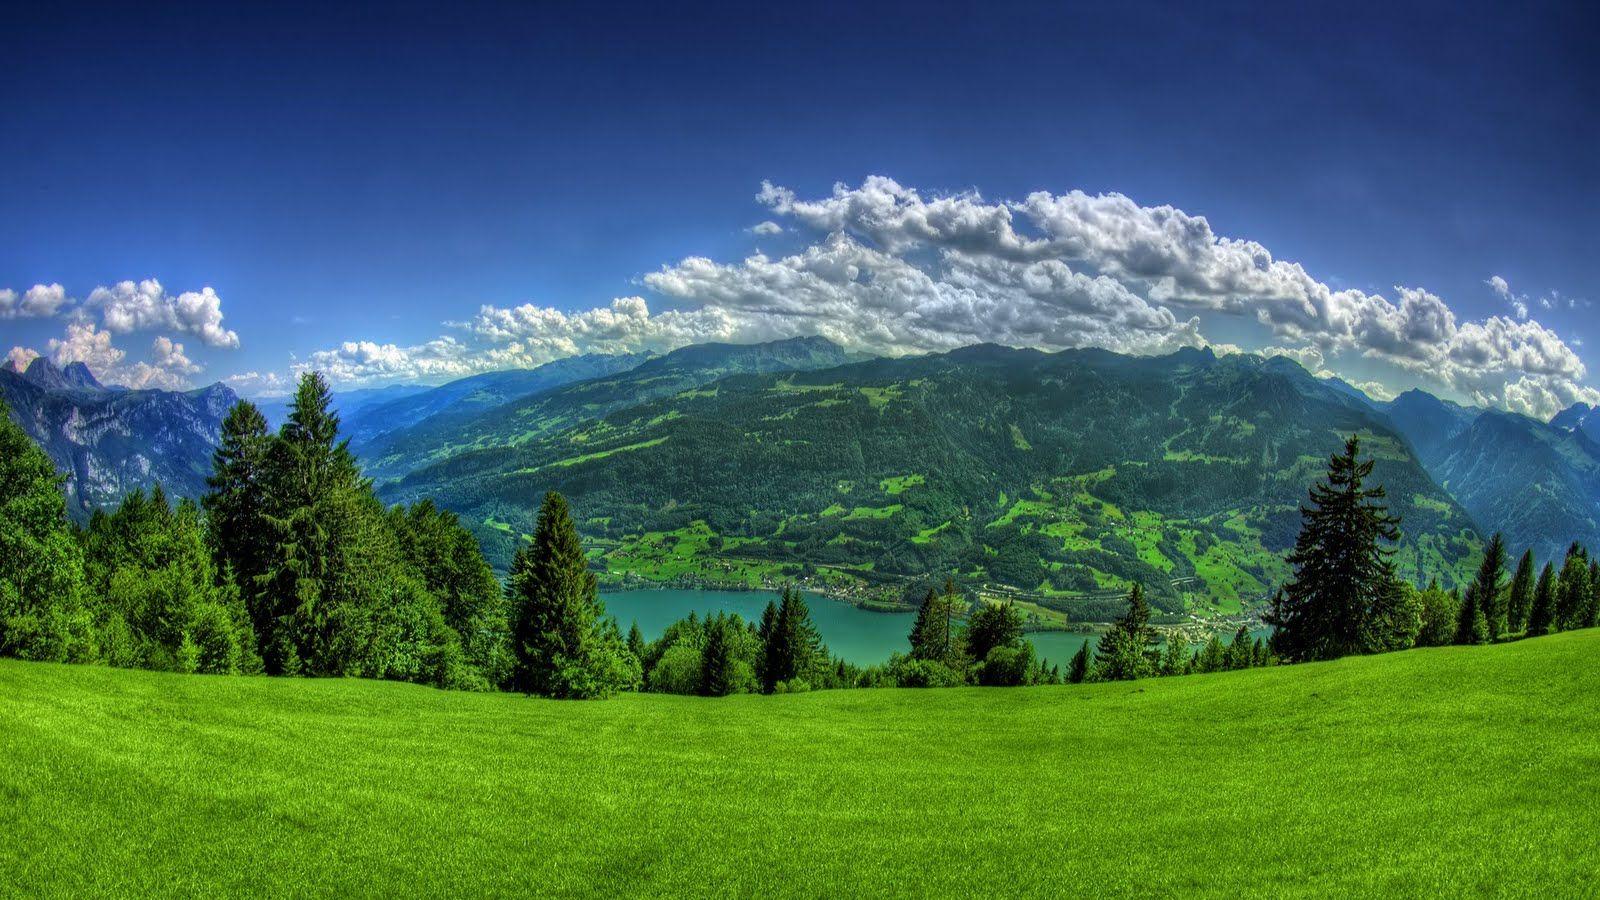 Spring Nature Landscapes 4239443 1600x900 All For Desktop